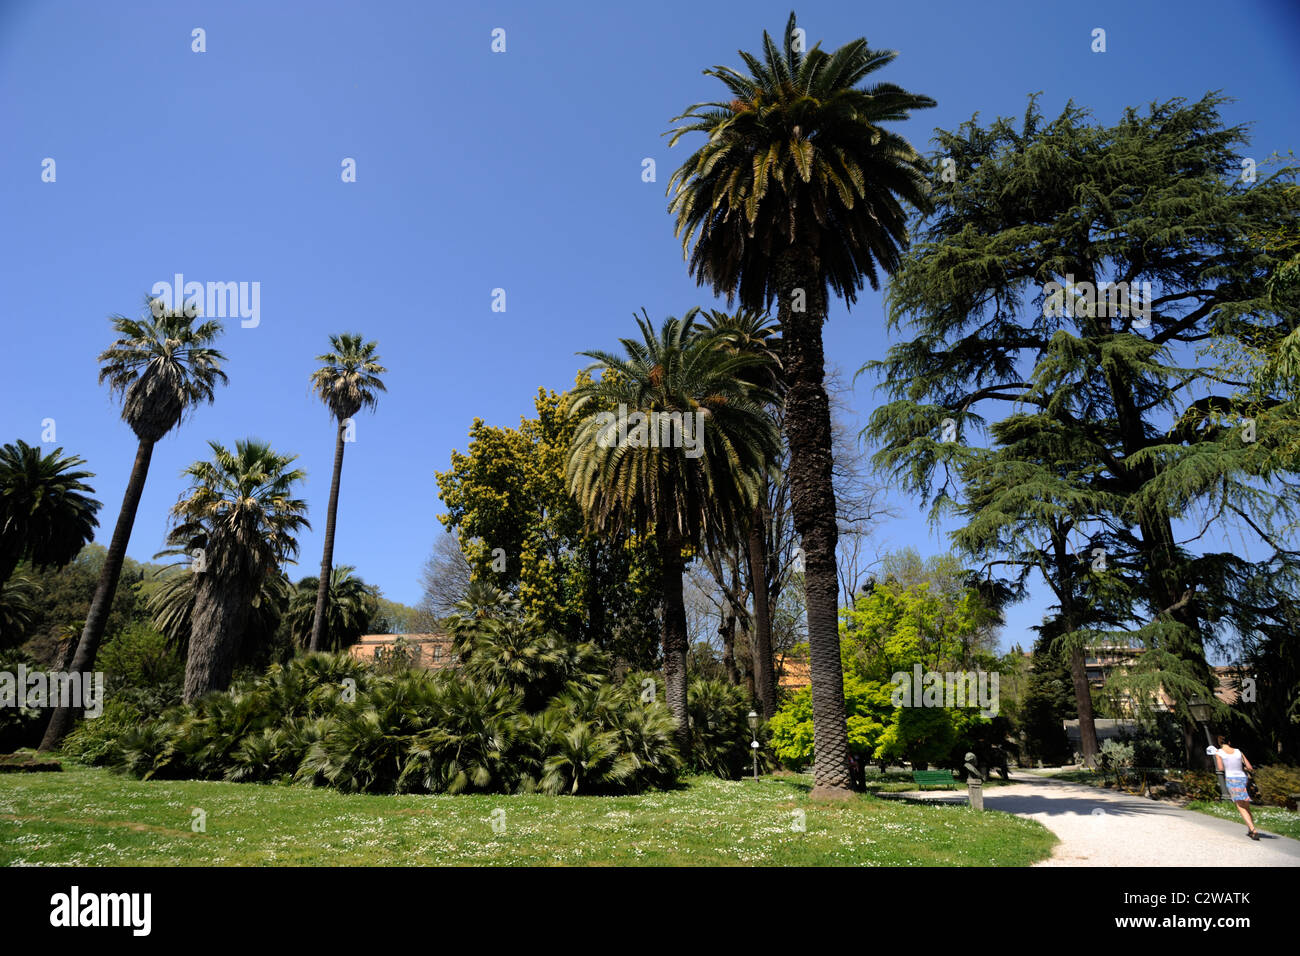 Italien, Rom, Trastevere, Orto Botanico, botanische Gärten Stockbild